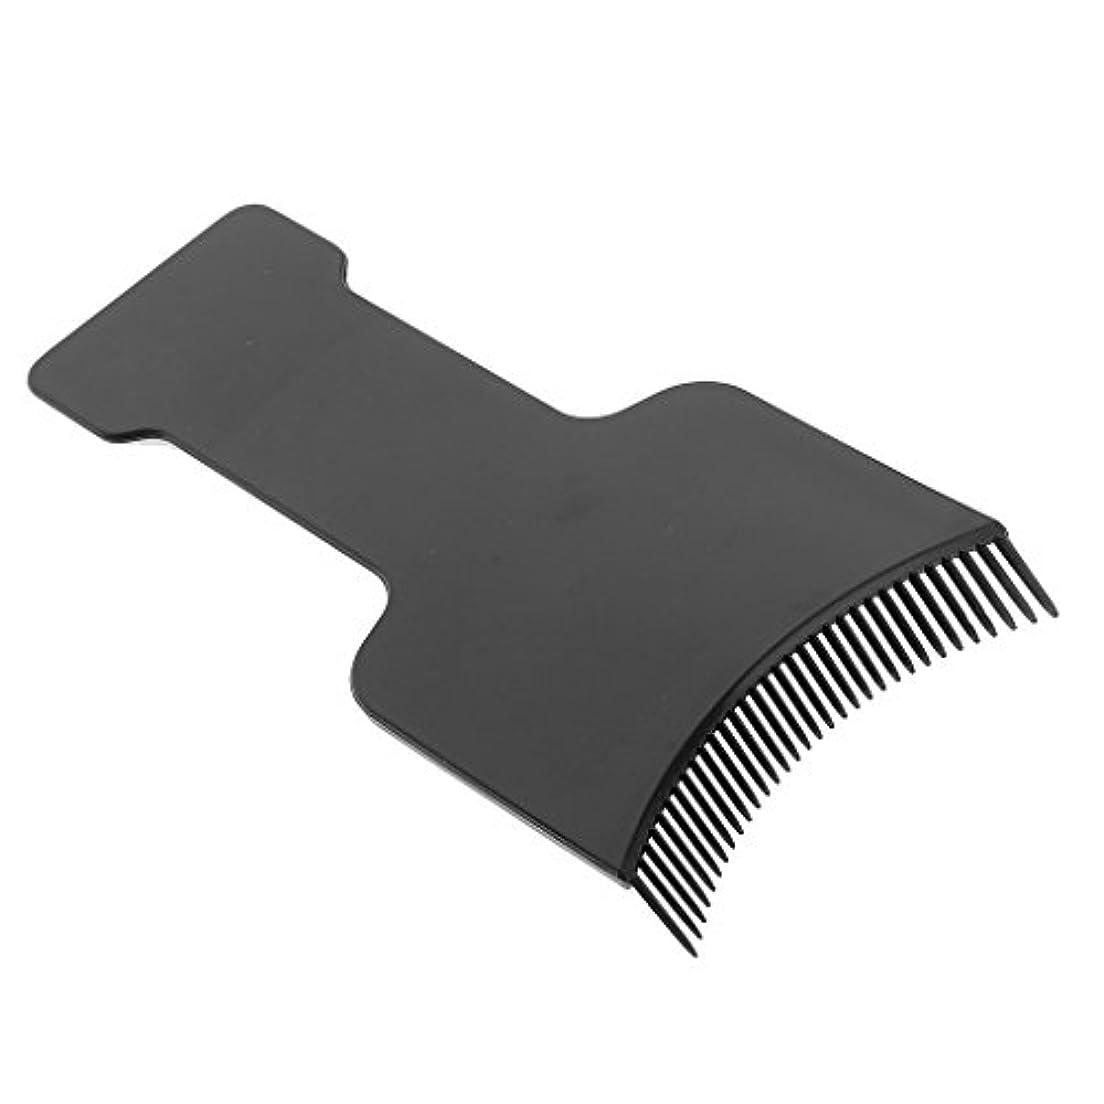 ゆでる検索集中Baosity サロン ヘアカラー ボード ヘア 染色 ツール ブラック 全4サイズ - S